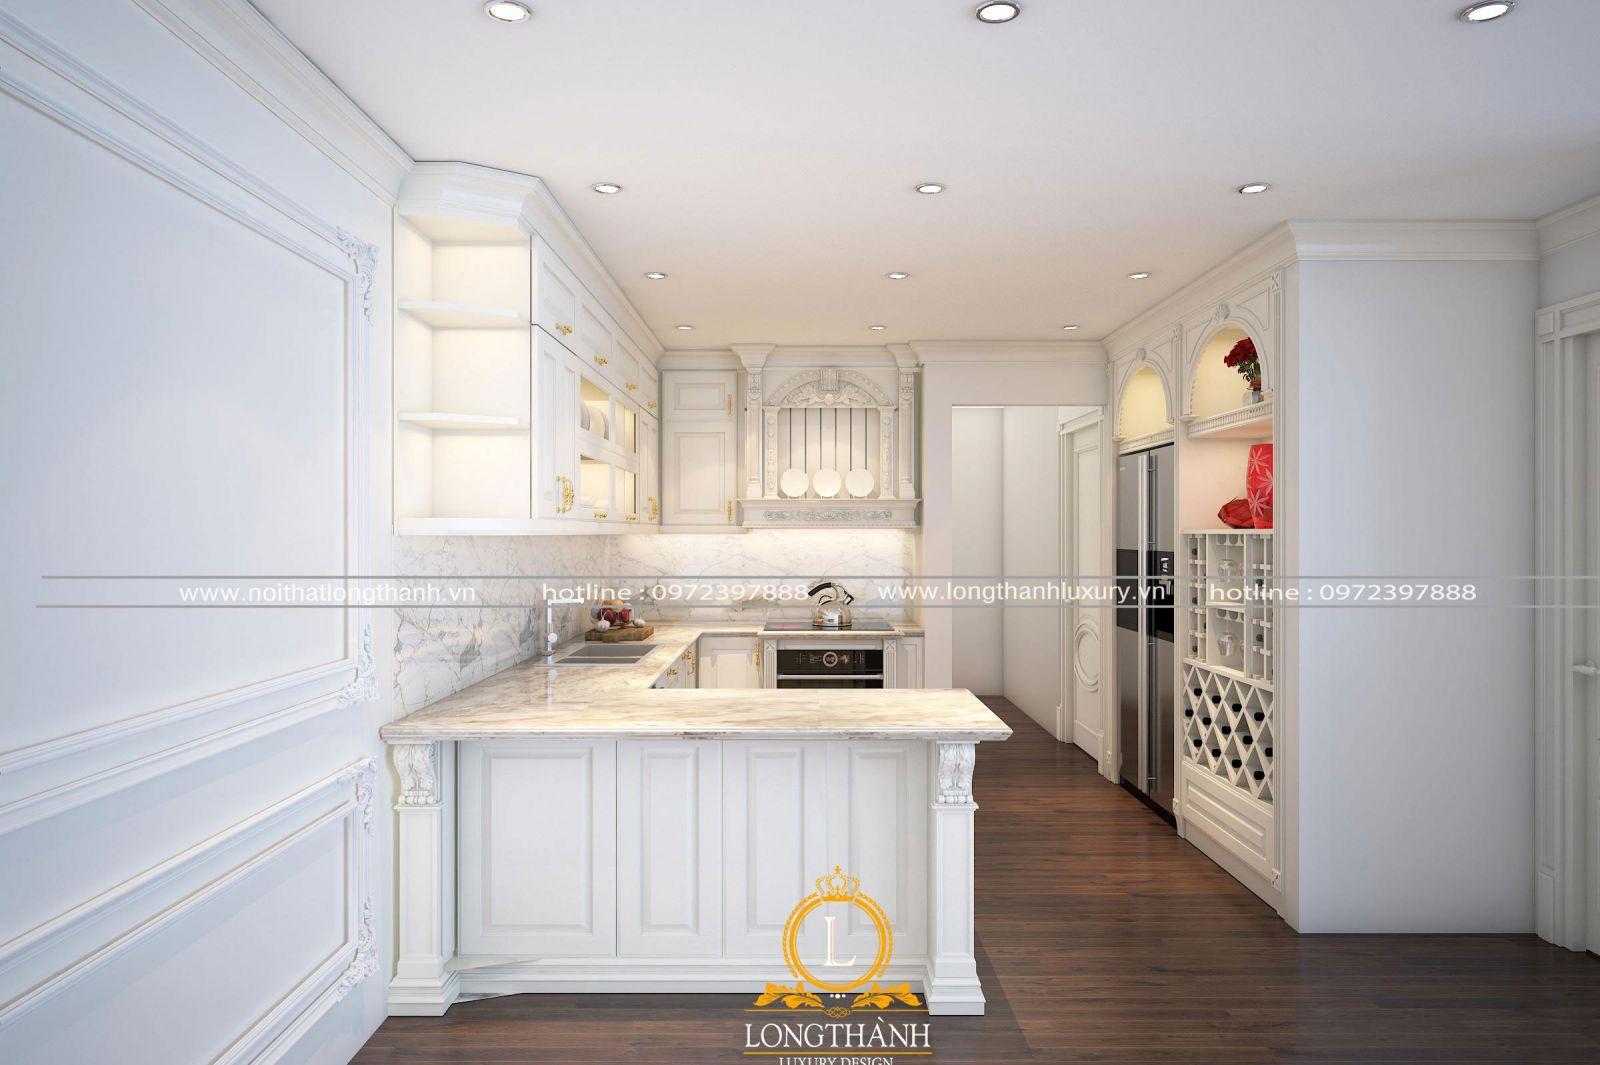 Tủ bếp tân cổ điển sơn trắng đẹp